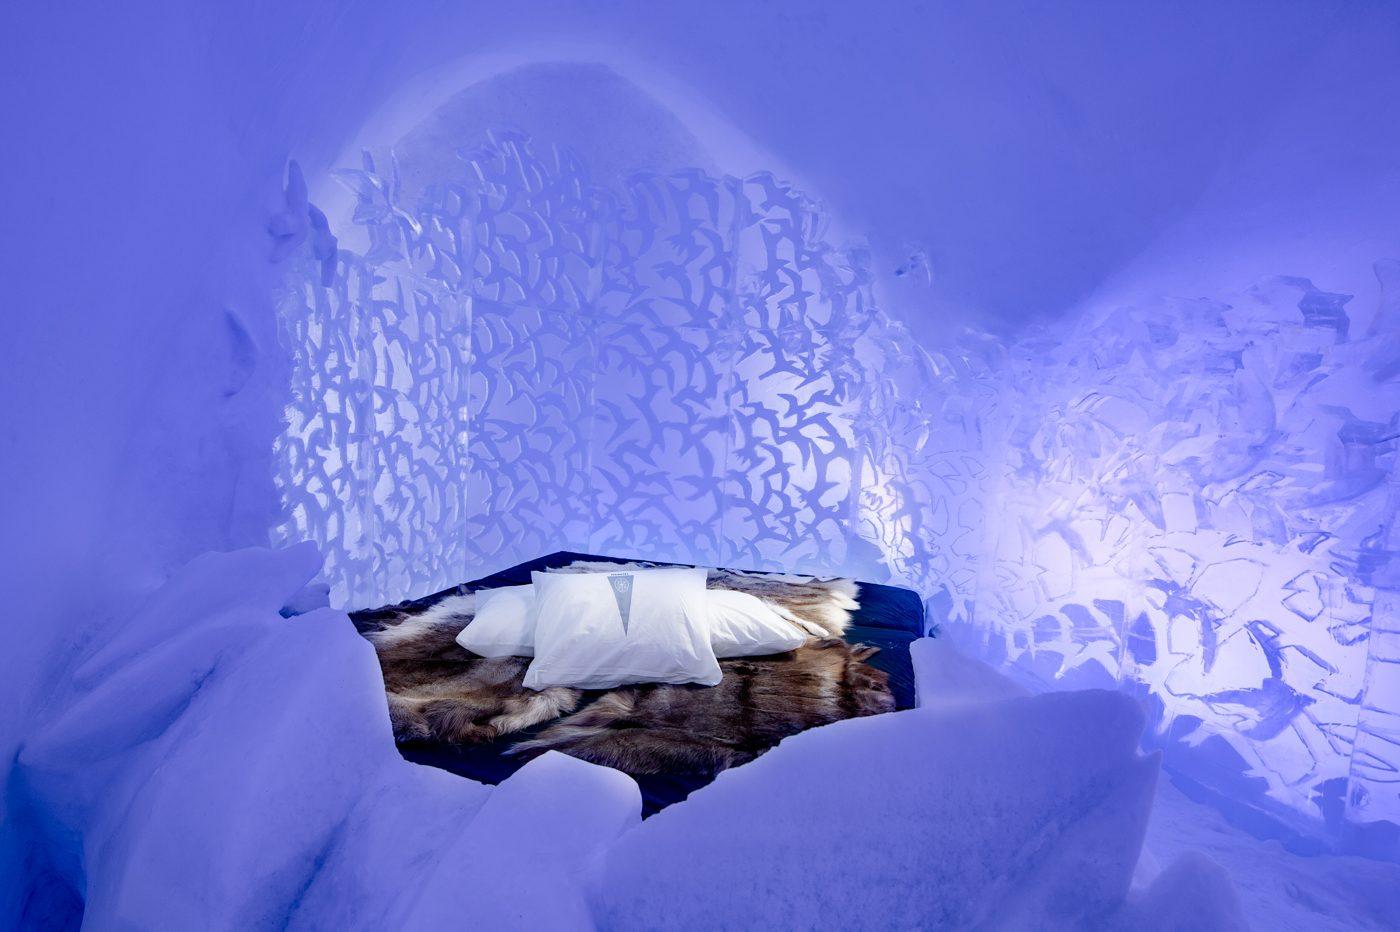 Dormir no gelo